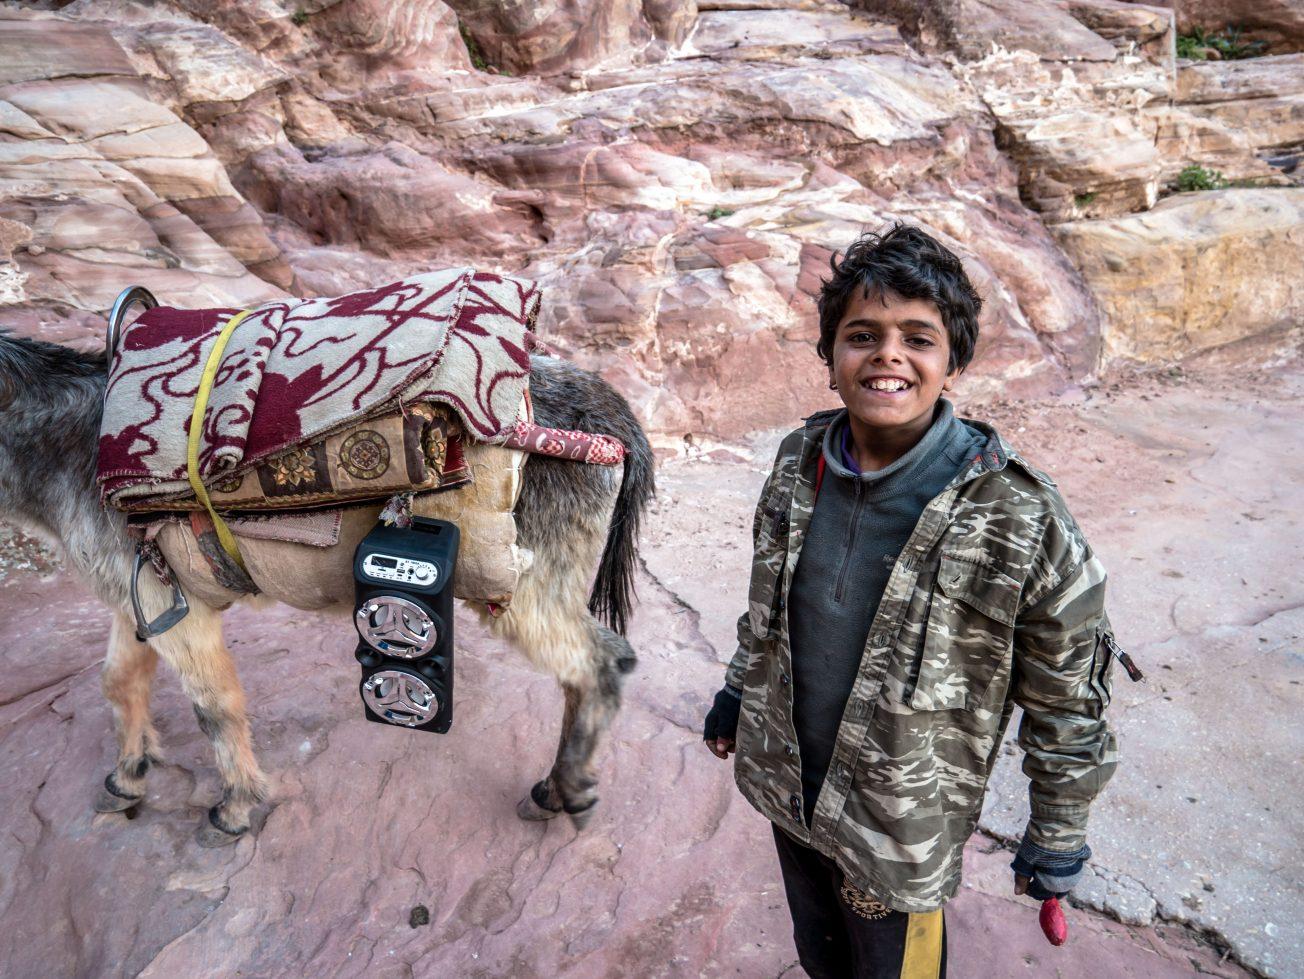 Chlapec v Jordánsku